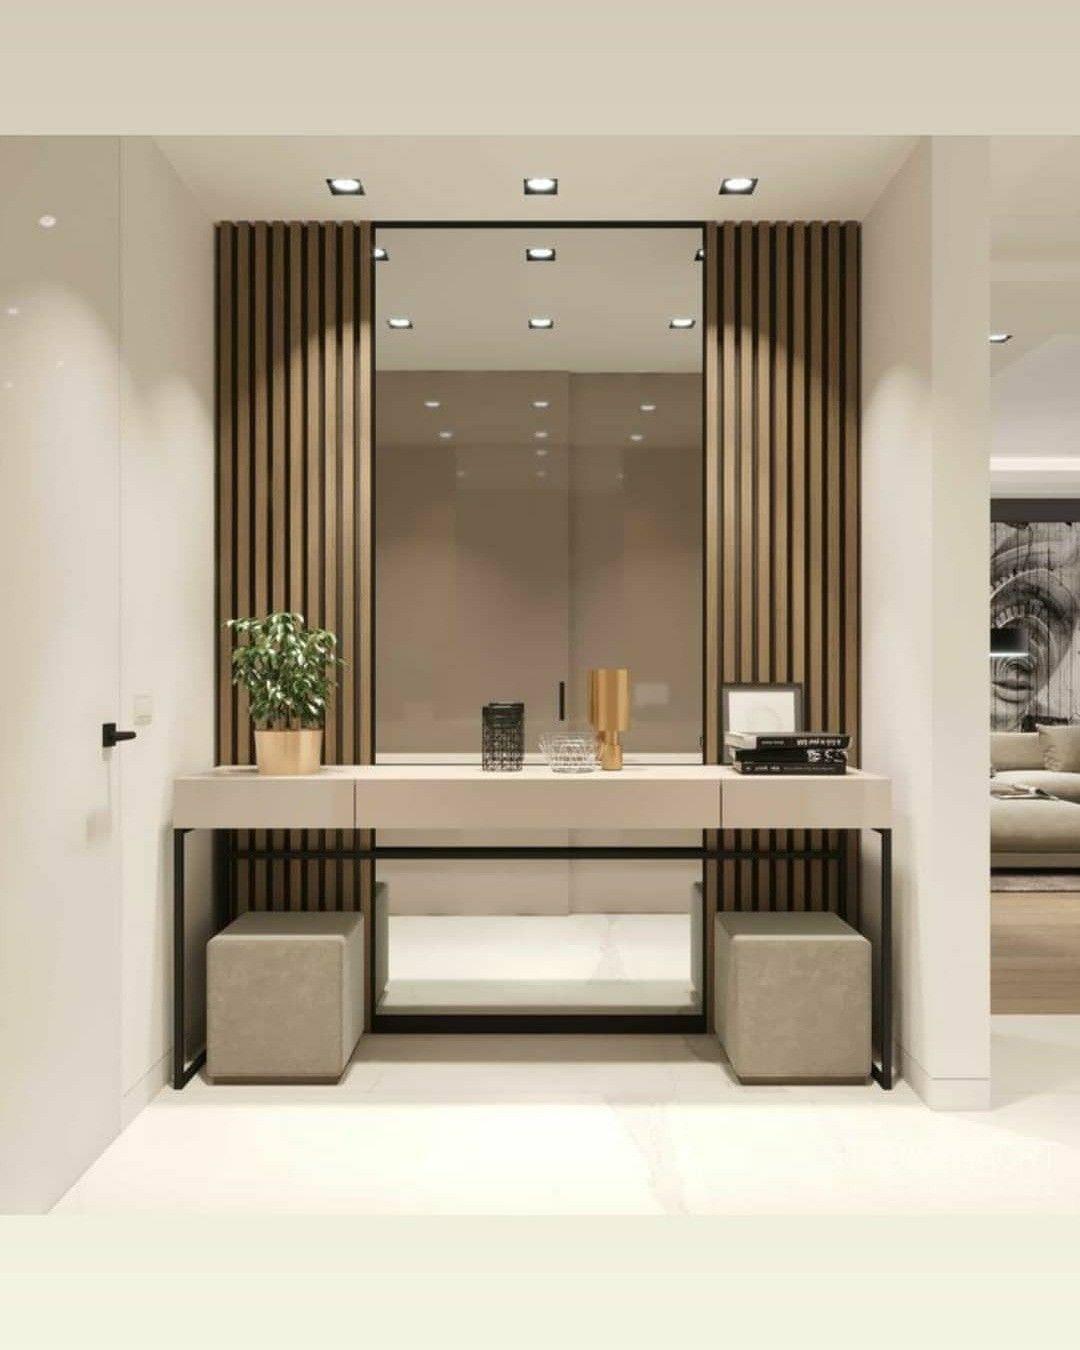 احدث ديكورات تسريحه ديكورات دولاب عبايات ديكور راس السرير Home Room Design Home Entrance Decor Living Room Design Decor